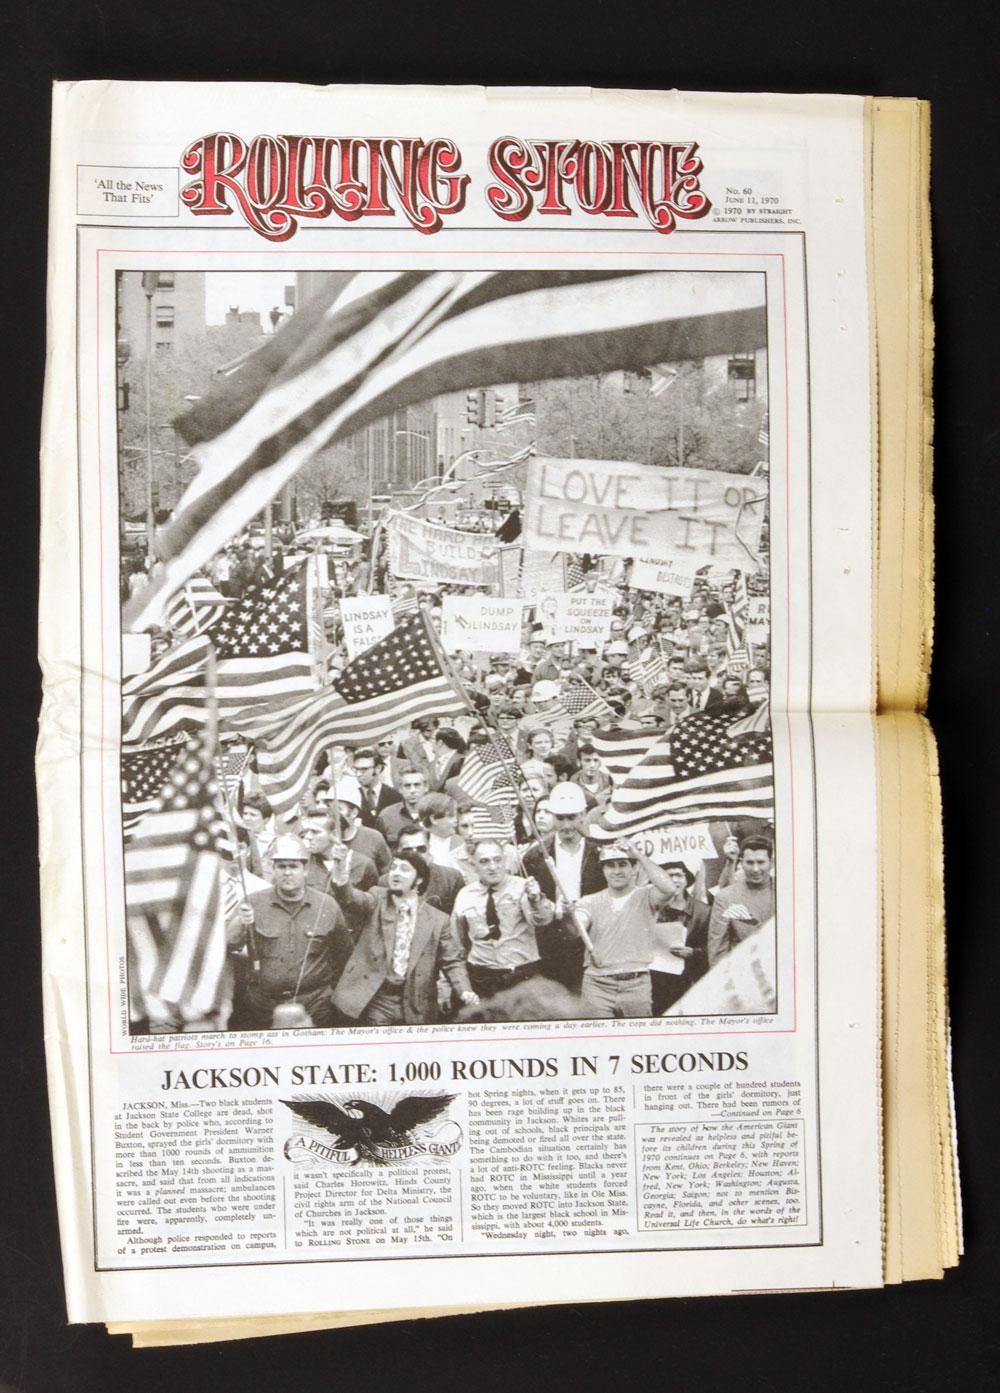 Rolling Stone Magazine 1970 Jun 11 No. 60 A Pitiful Helpless Giant